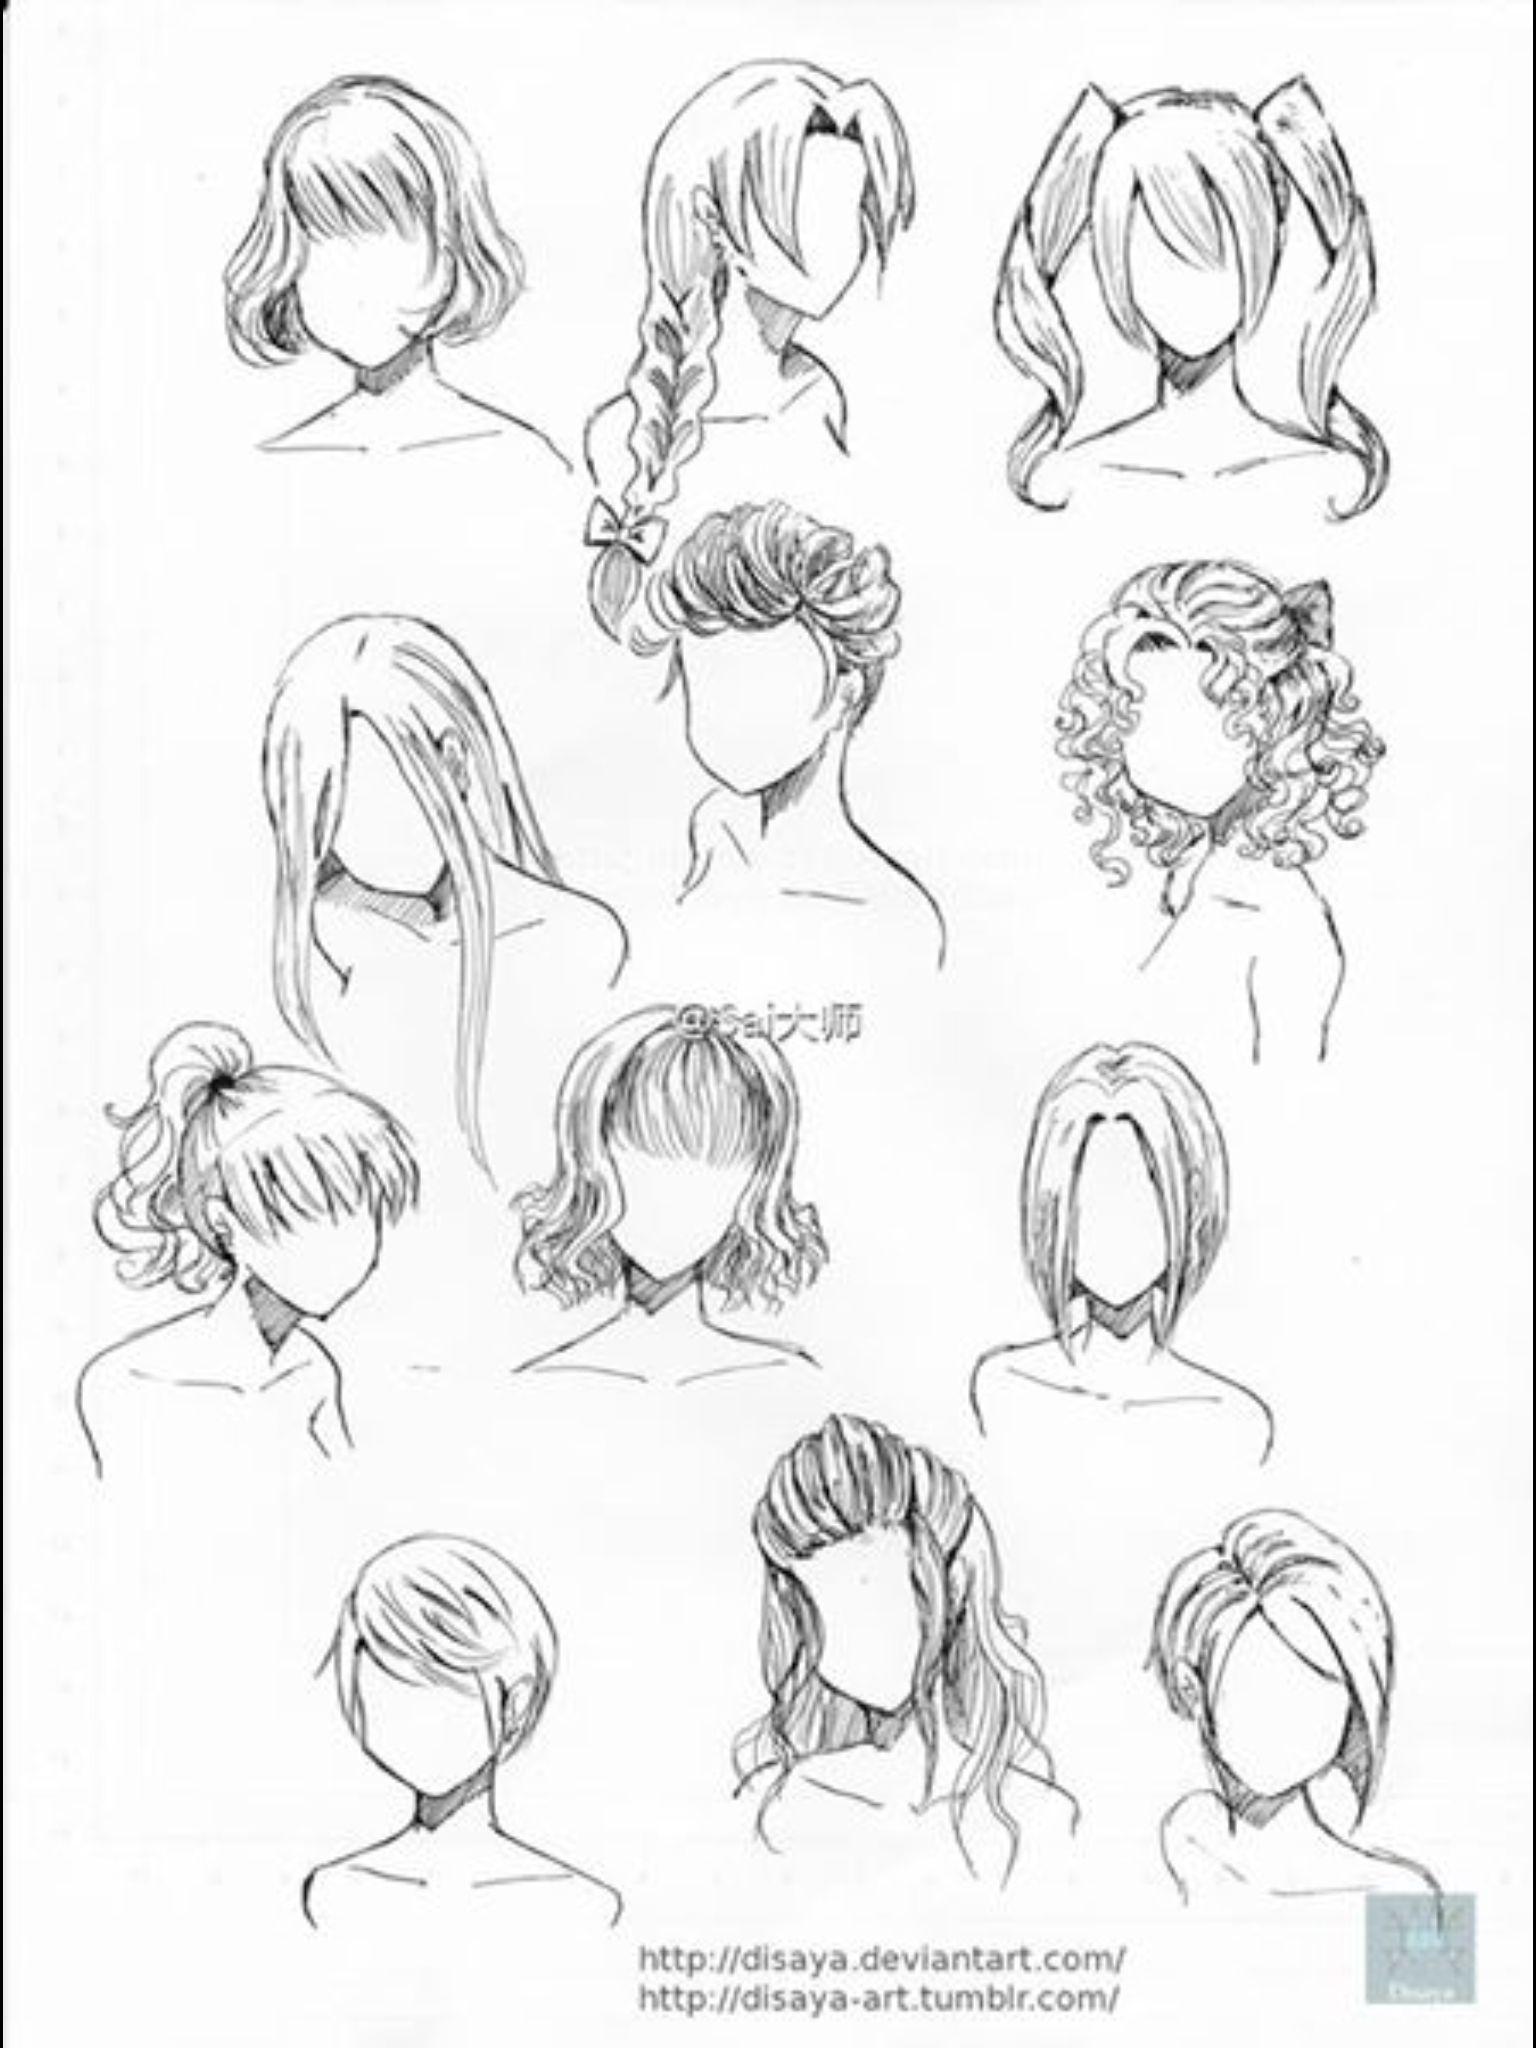 Drawing Hair การวาดเส้นผม, สอนวาดรูป, สเก็ต